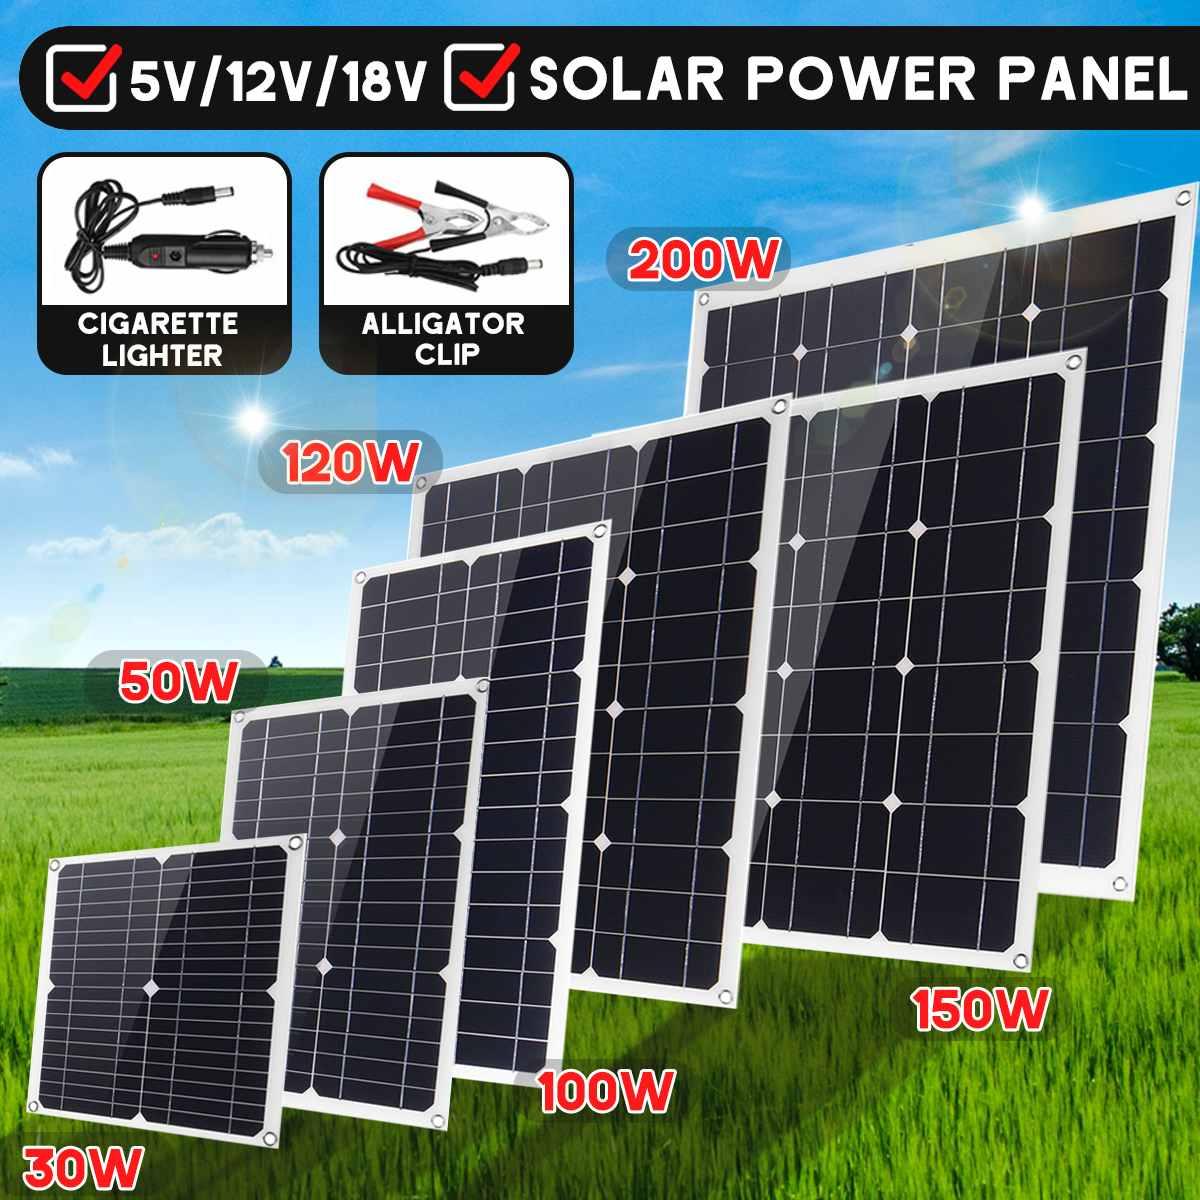 30 W/50 W/100 W/120 W/150 W/200 W Mono panneau solaire 18V DC double USB 12 V/5 V Flexible chargeur solaire pour voiture RV bateau batterie Charge